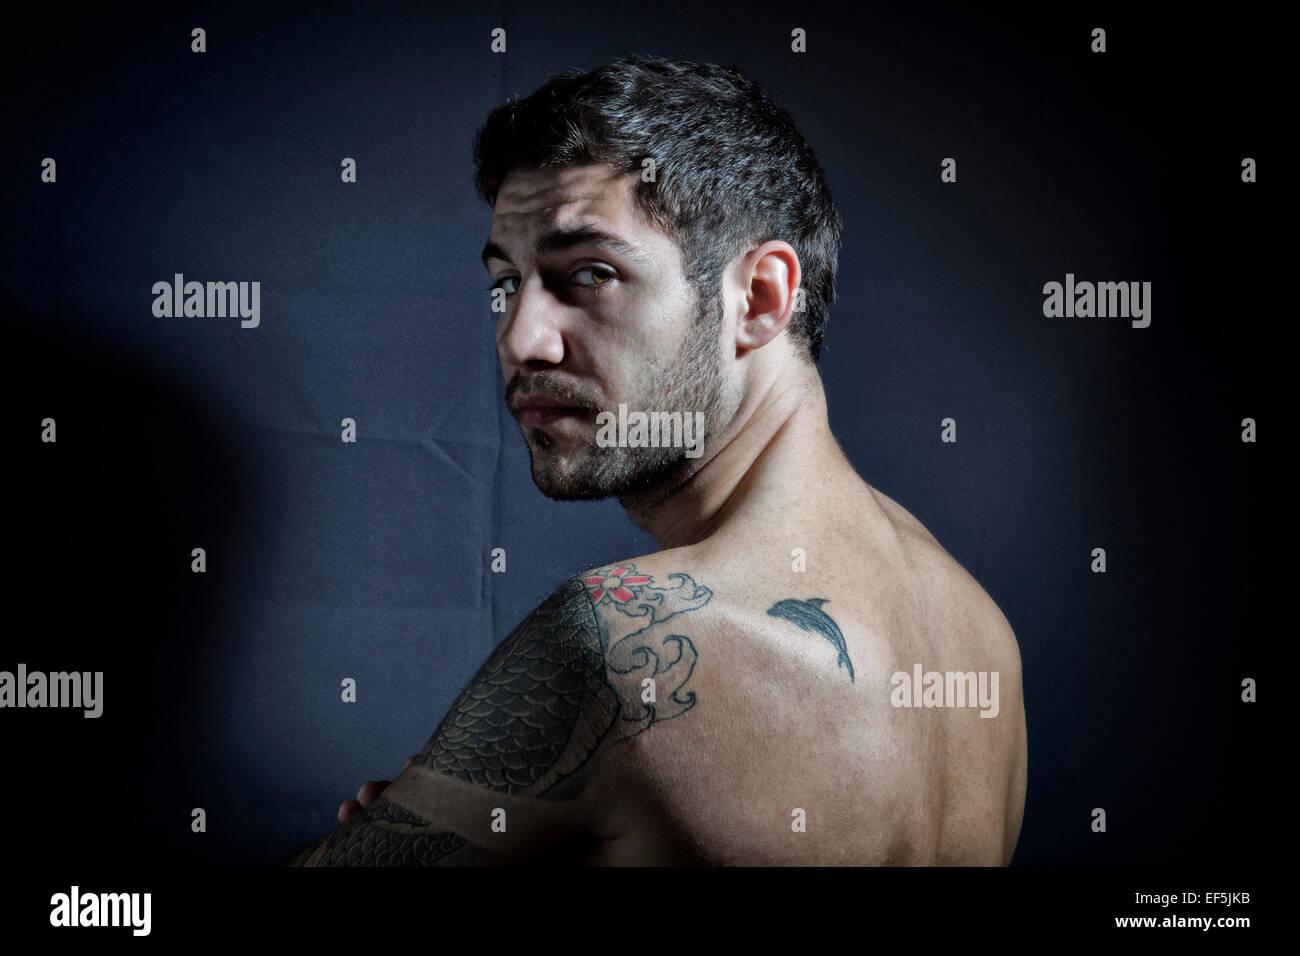 Porträt des jungen Menschen mit tattoos Stockbild